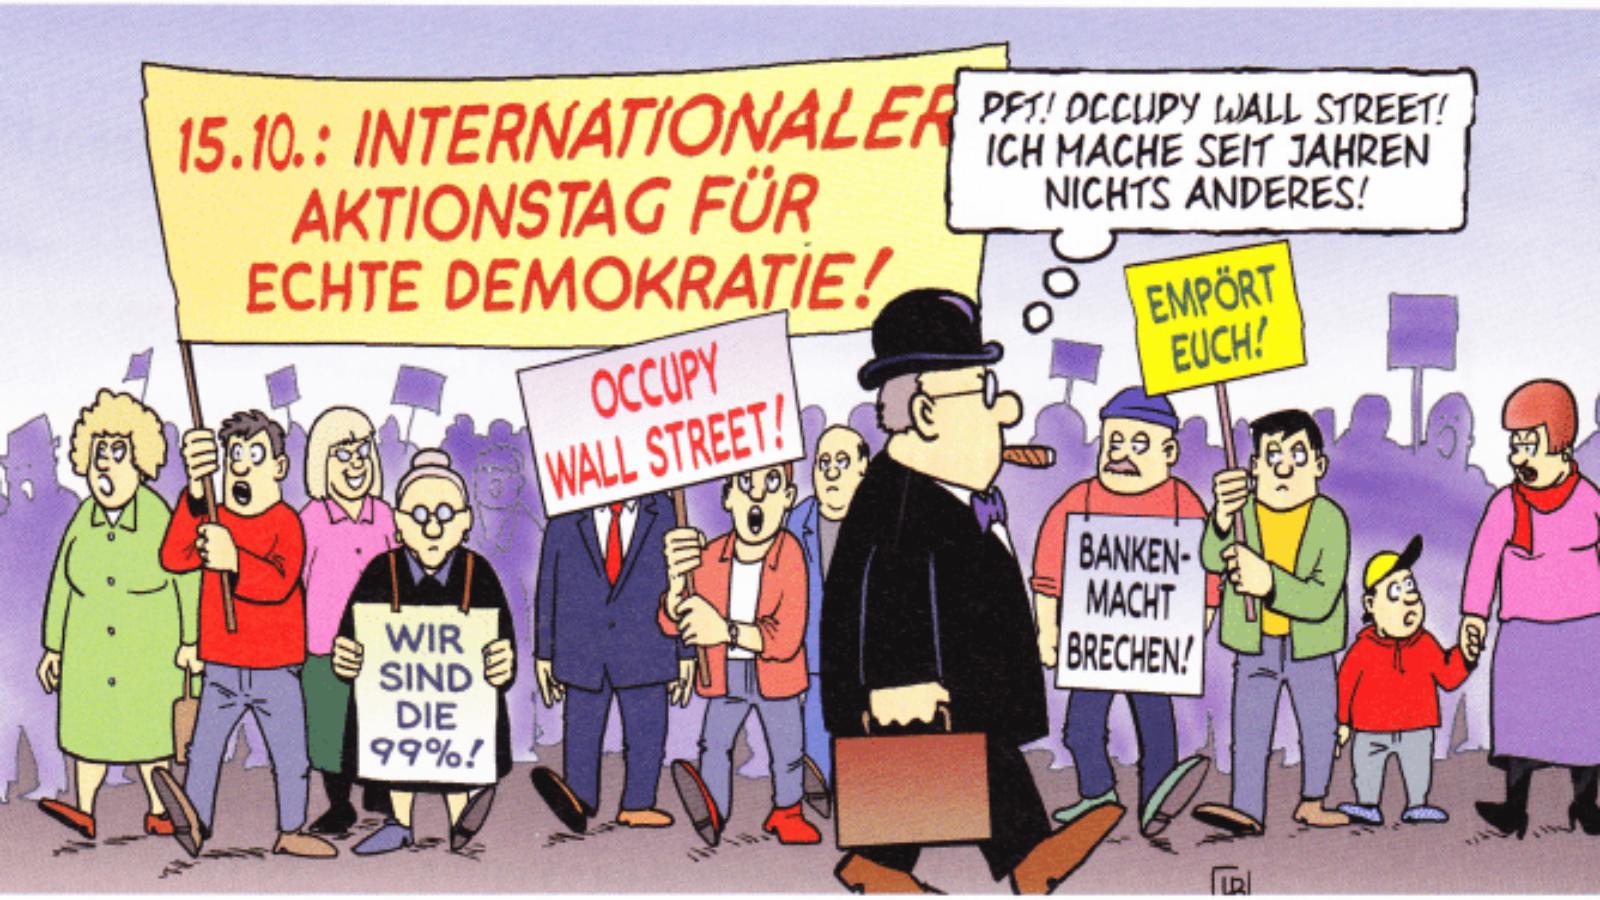 Occupy-Bewegung kritisch betrachten